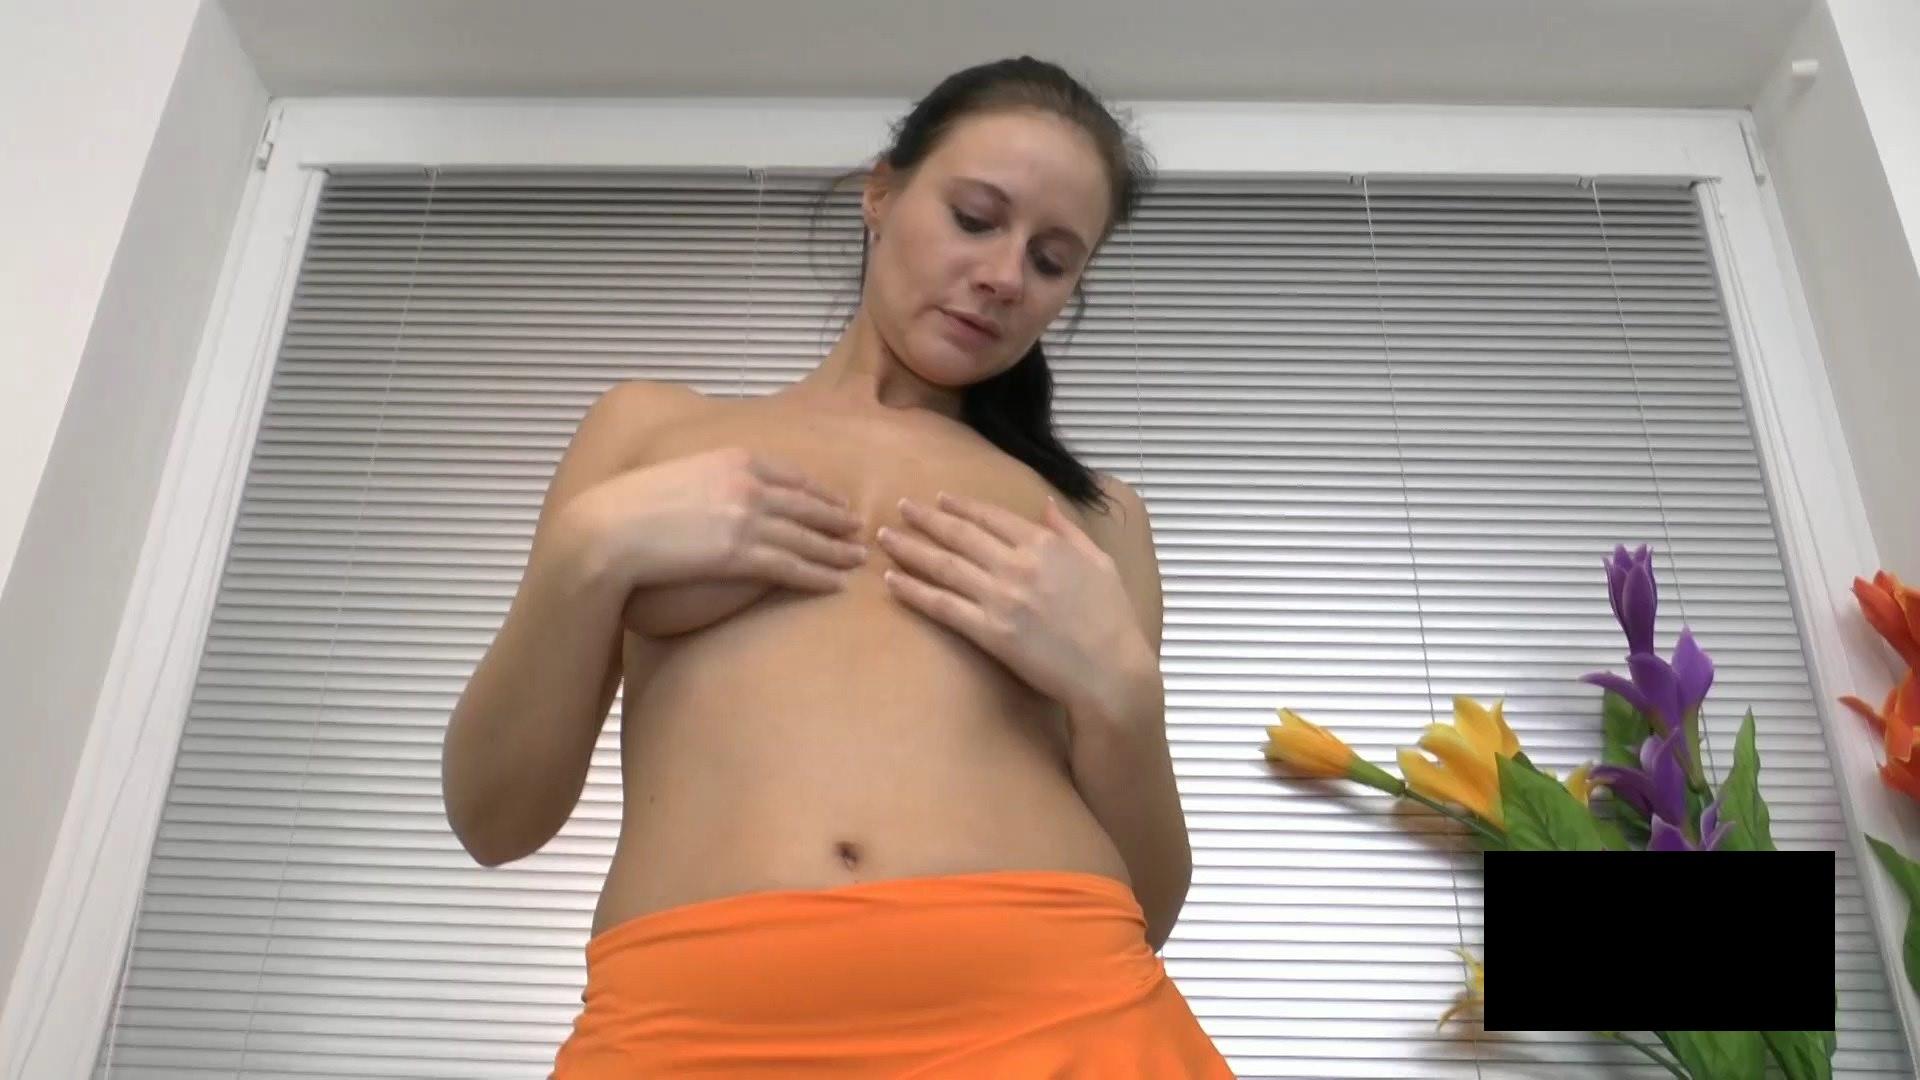 脂肪たっぷりの東欧熟女の脱衣ヌード画像貼ってくwwwwwwwww oGjPdaf